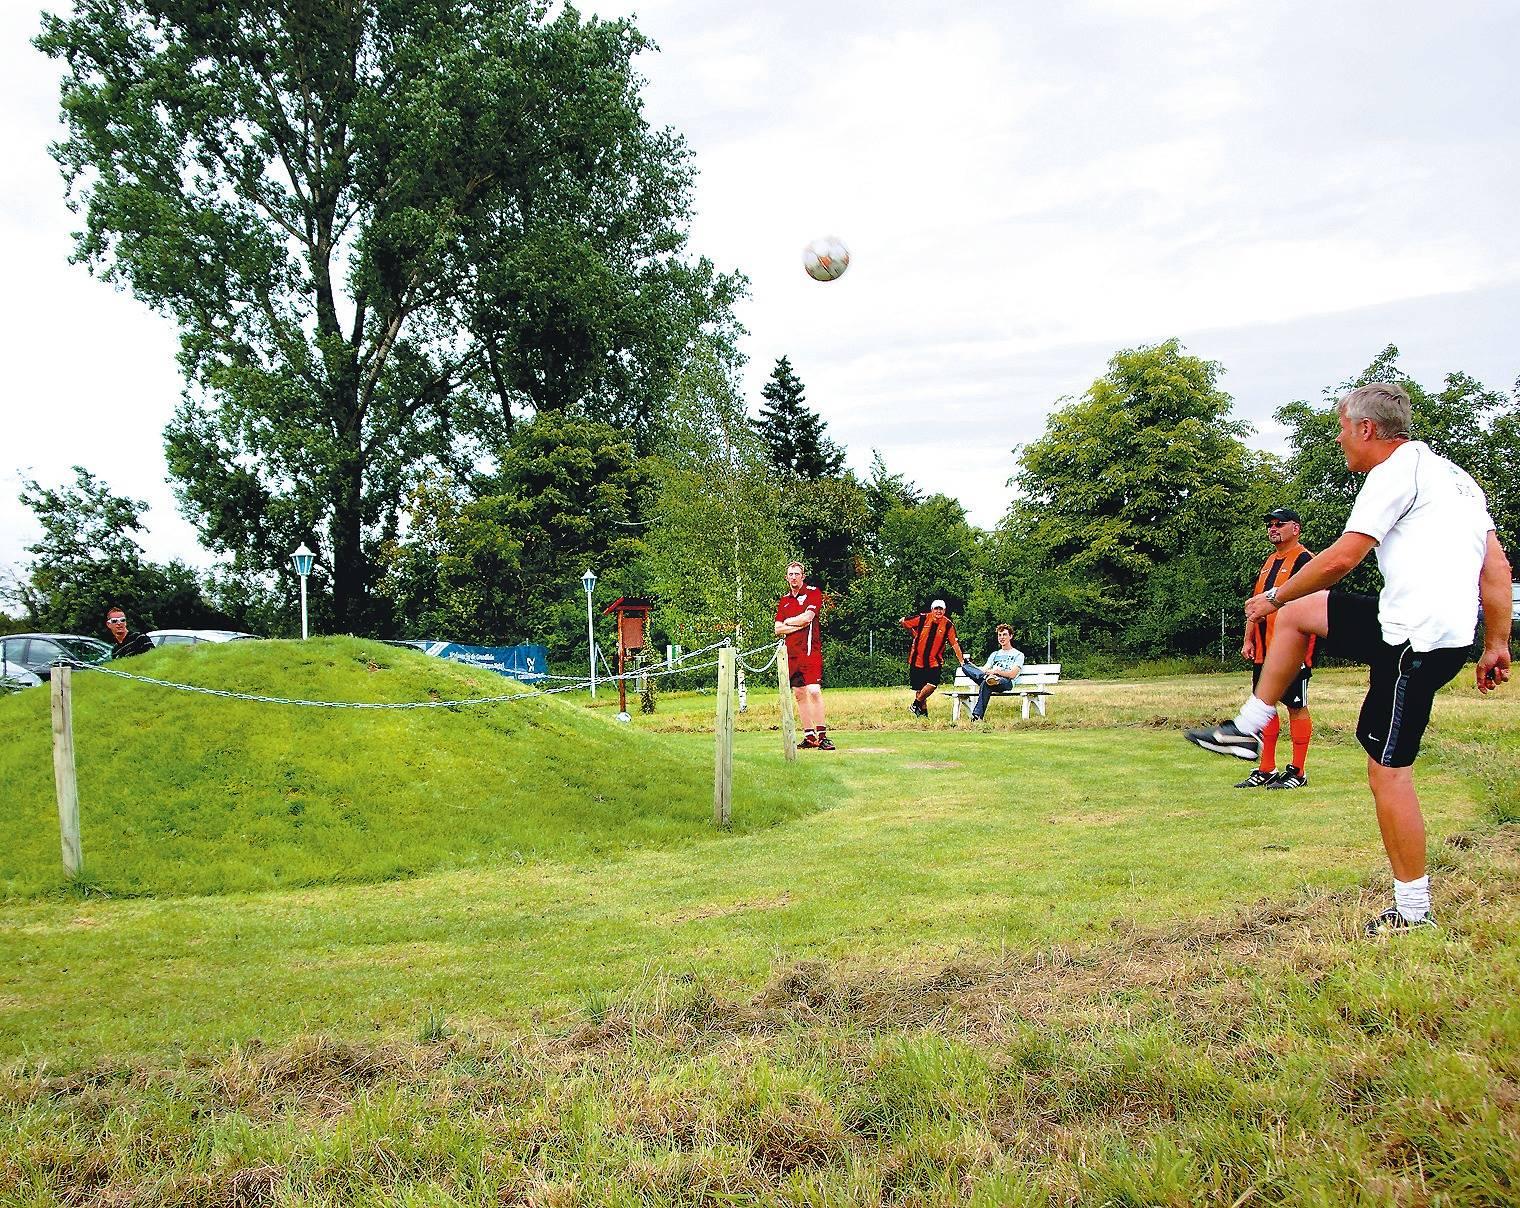 Fussballgolf Hier Muss Das Runde Ins Runde Regionalsport Rnz